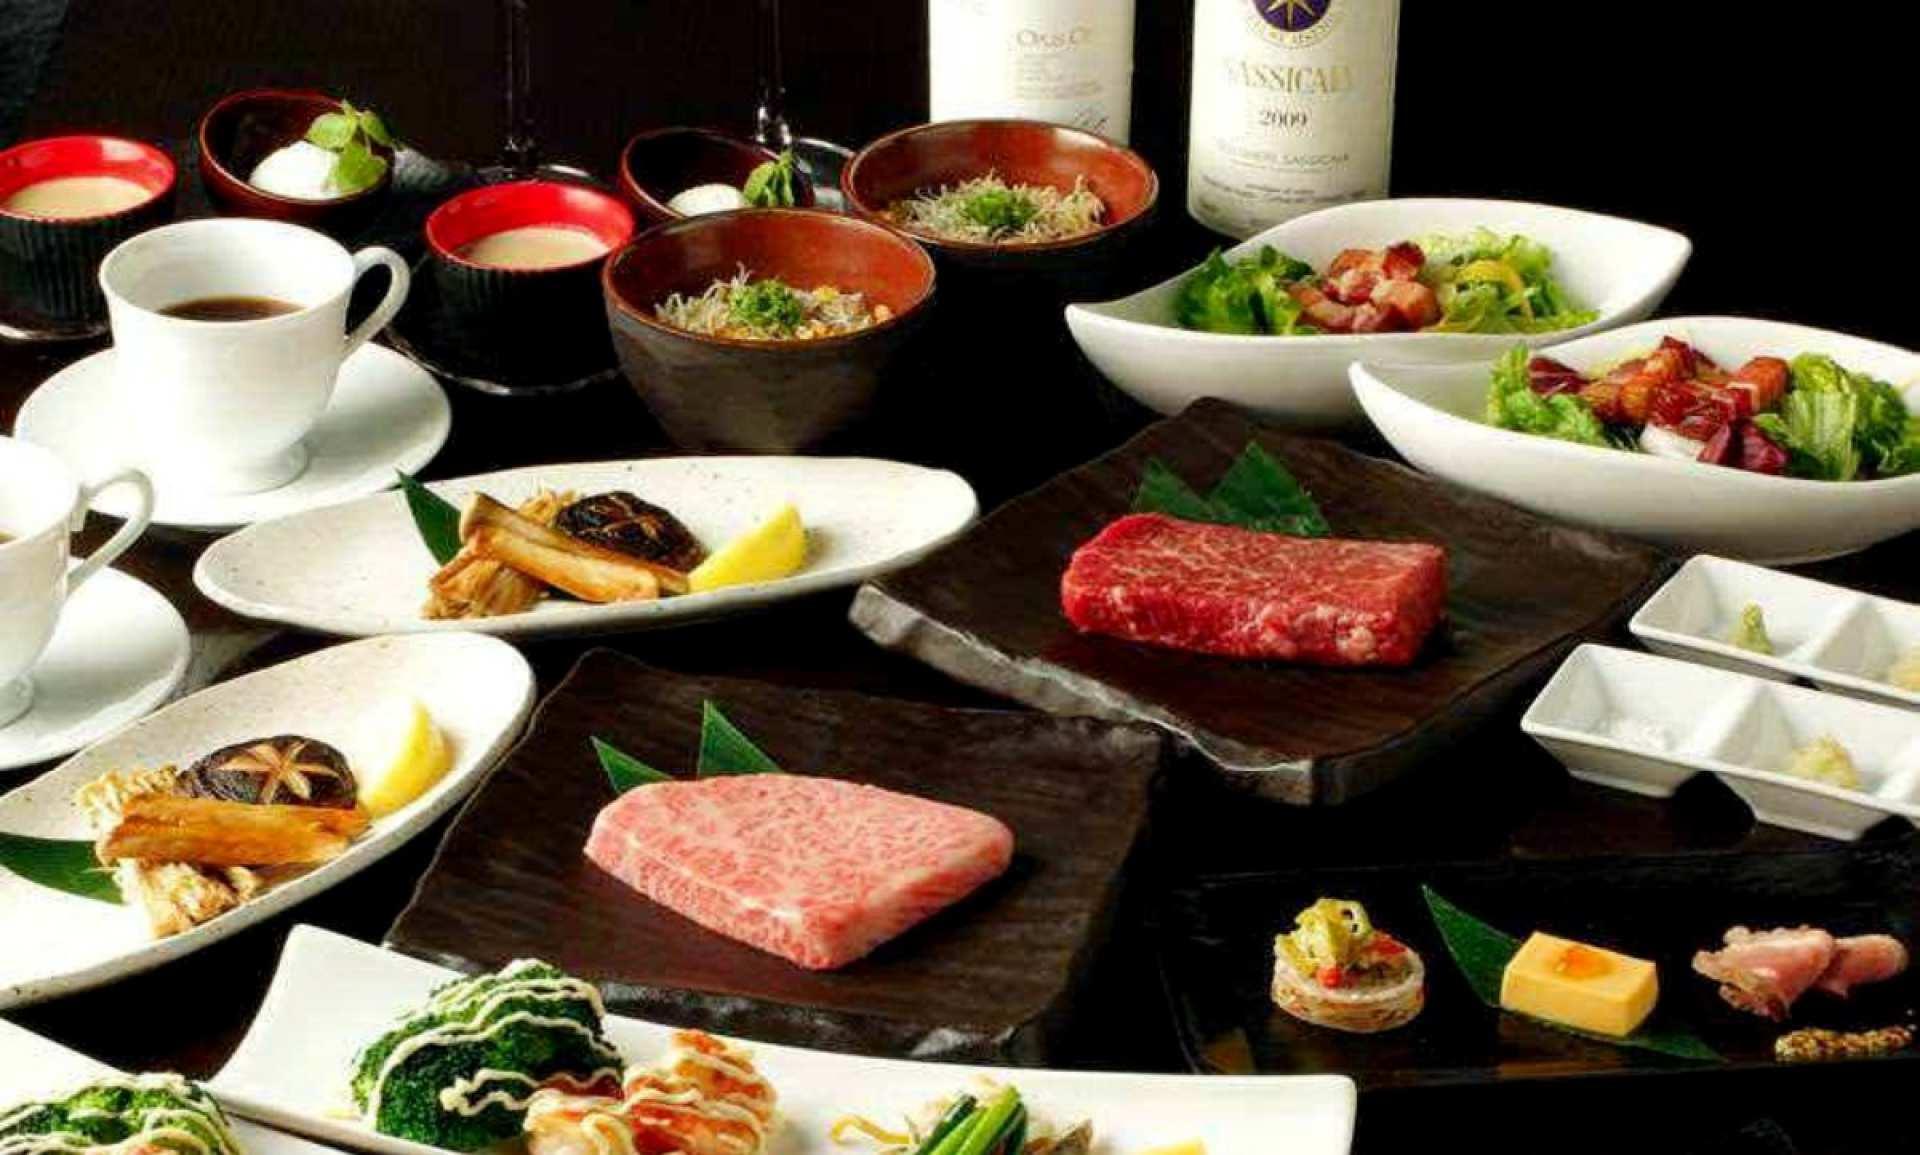 【東京美食】鐵板燒料理餐廳・鉄板Diner JAKEN